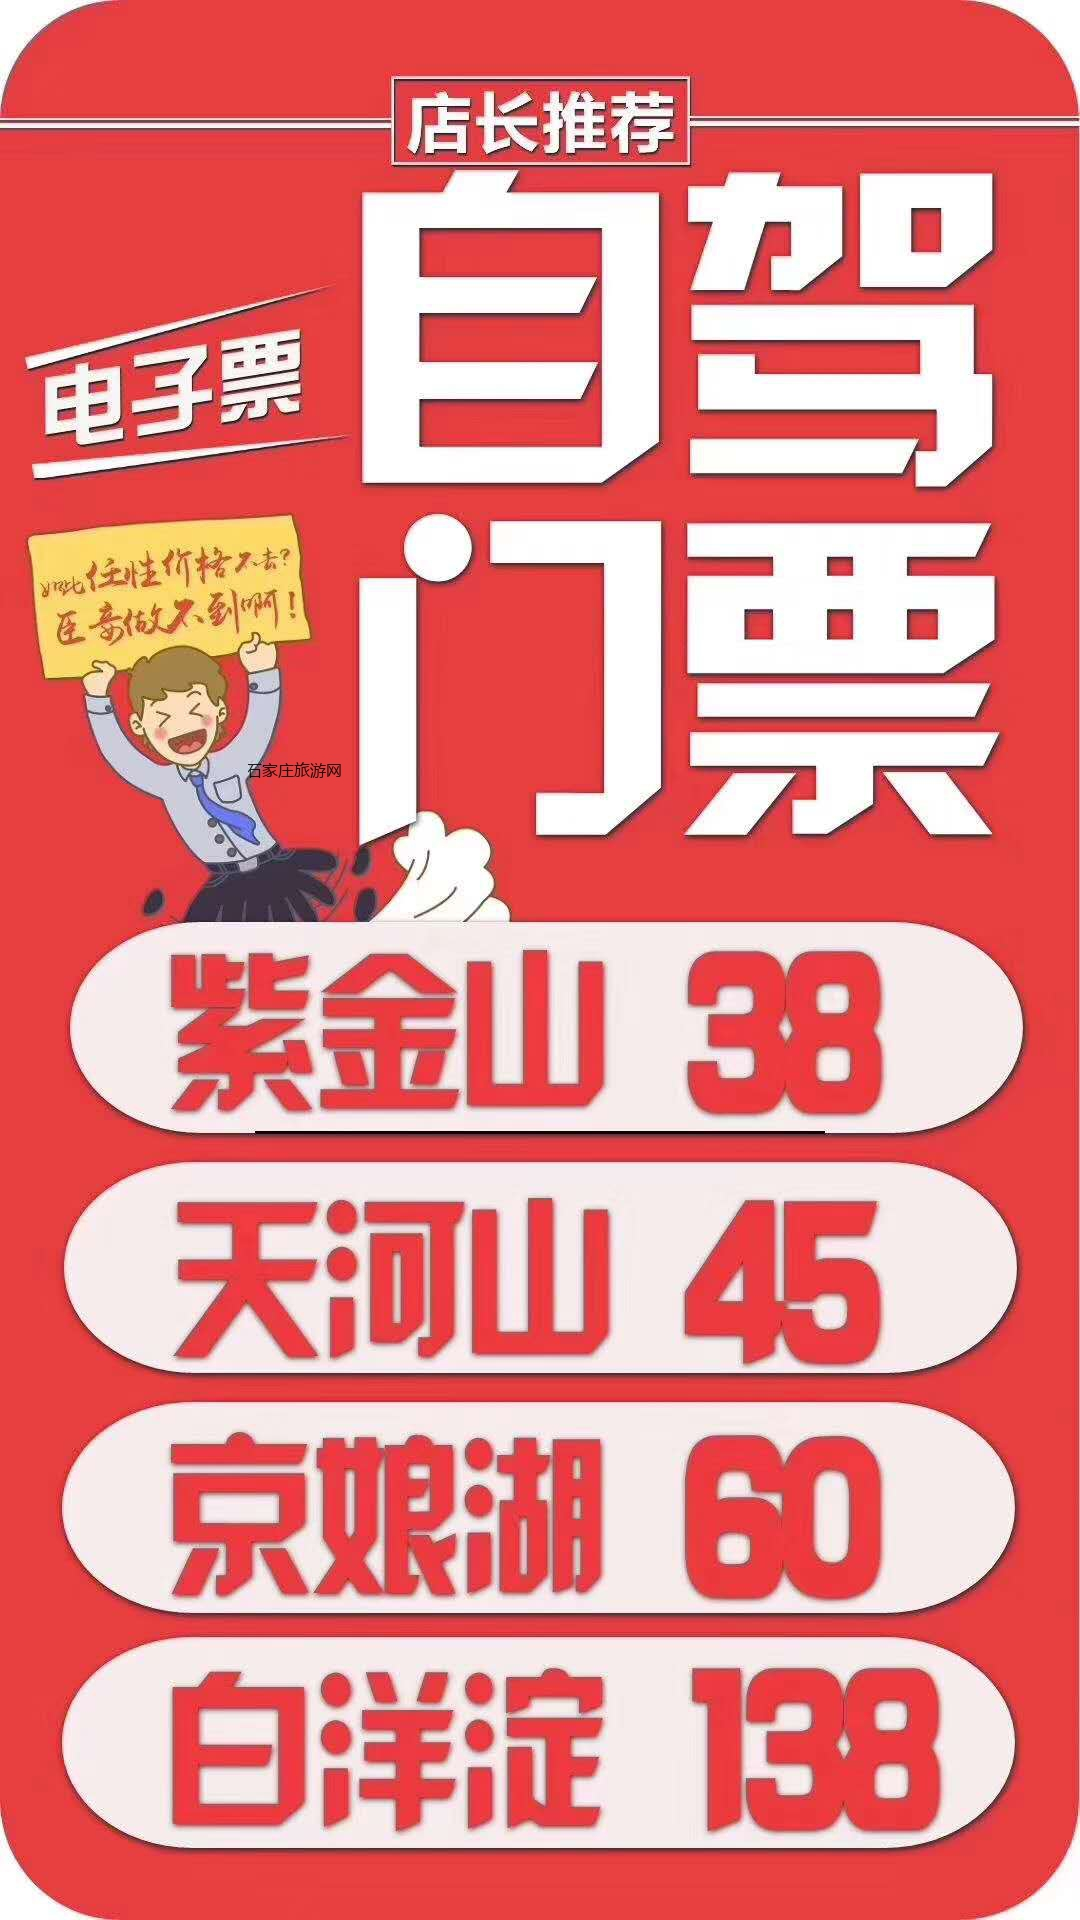 【五一自驾游】周边景点特惠票